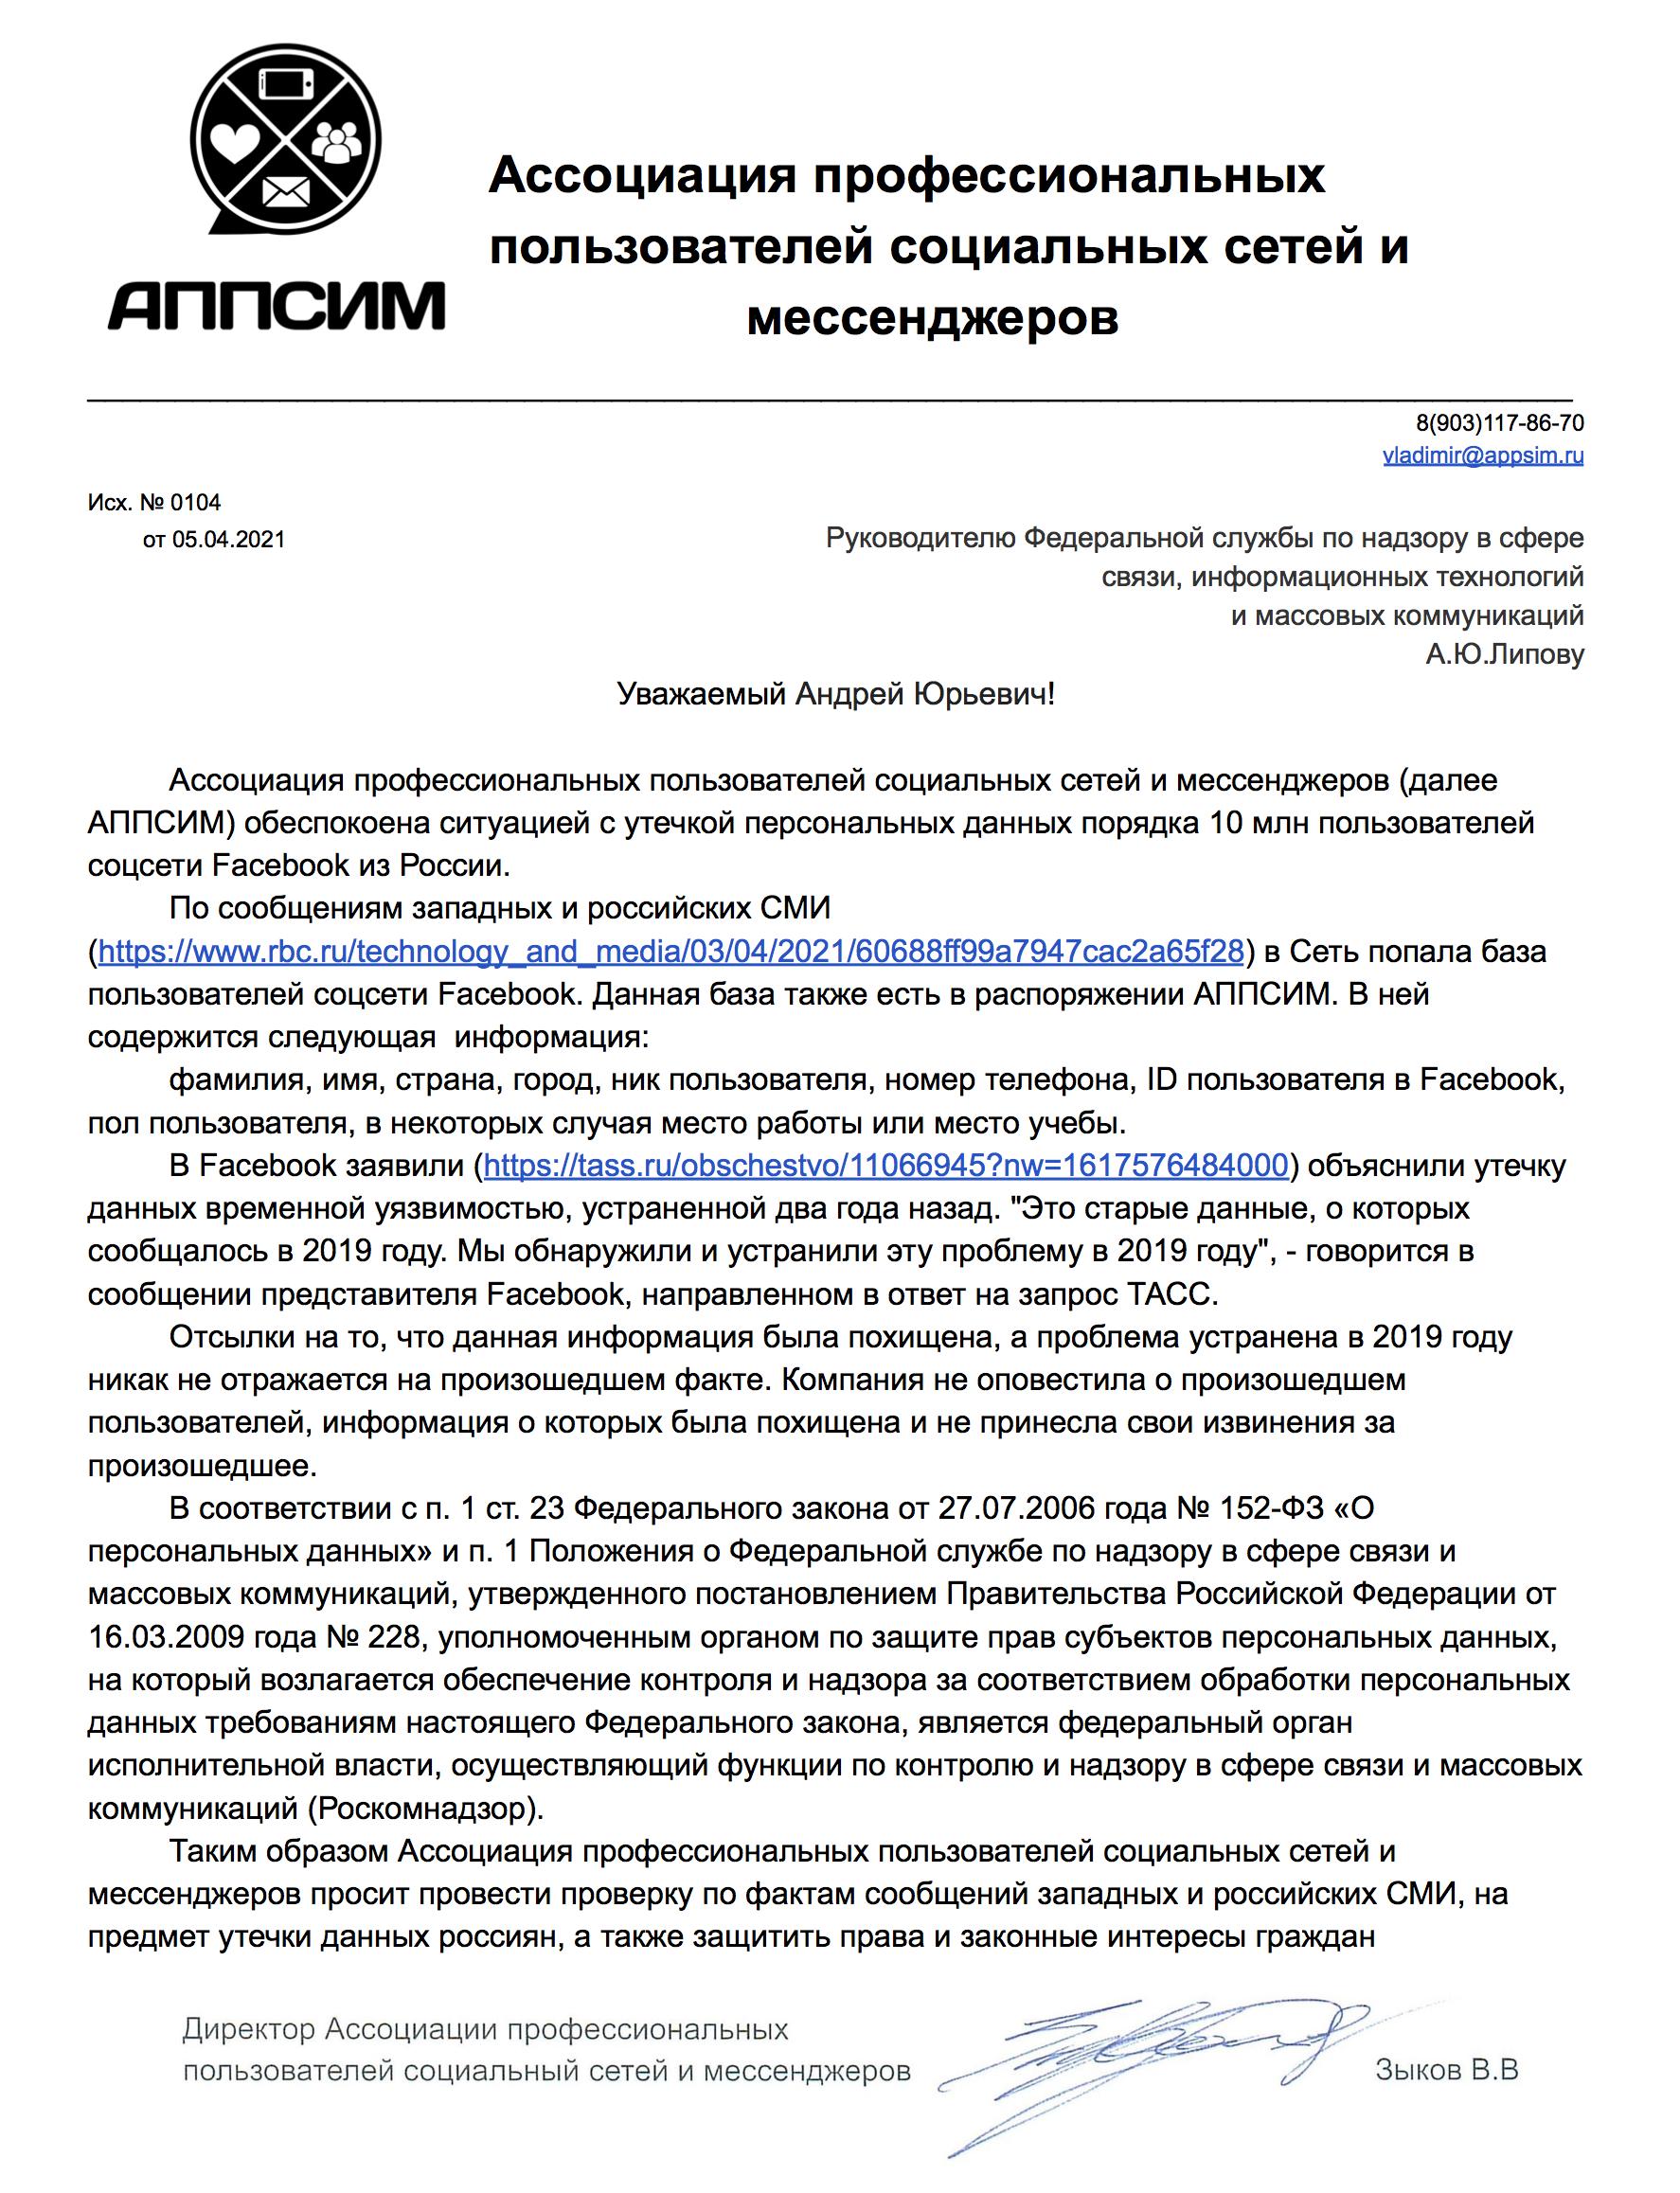 606fe609ae5ac902ec0ca603 Общественники требуют оштрафовать Facebook из-за утечки личных данных 10 млн россиян